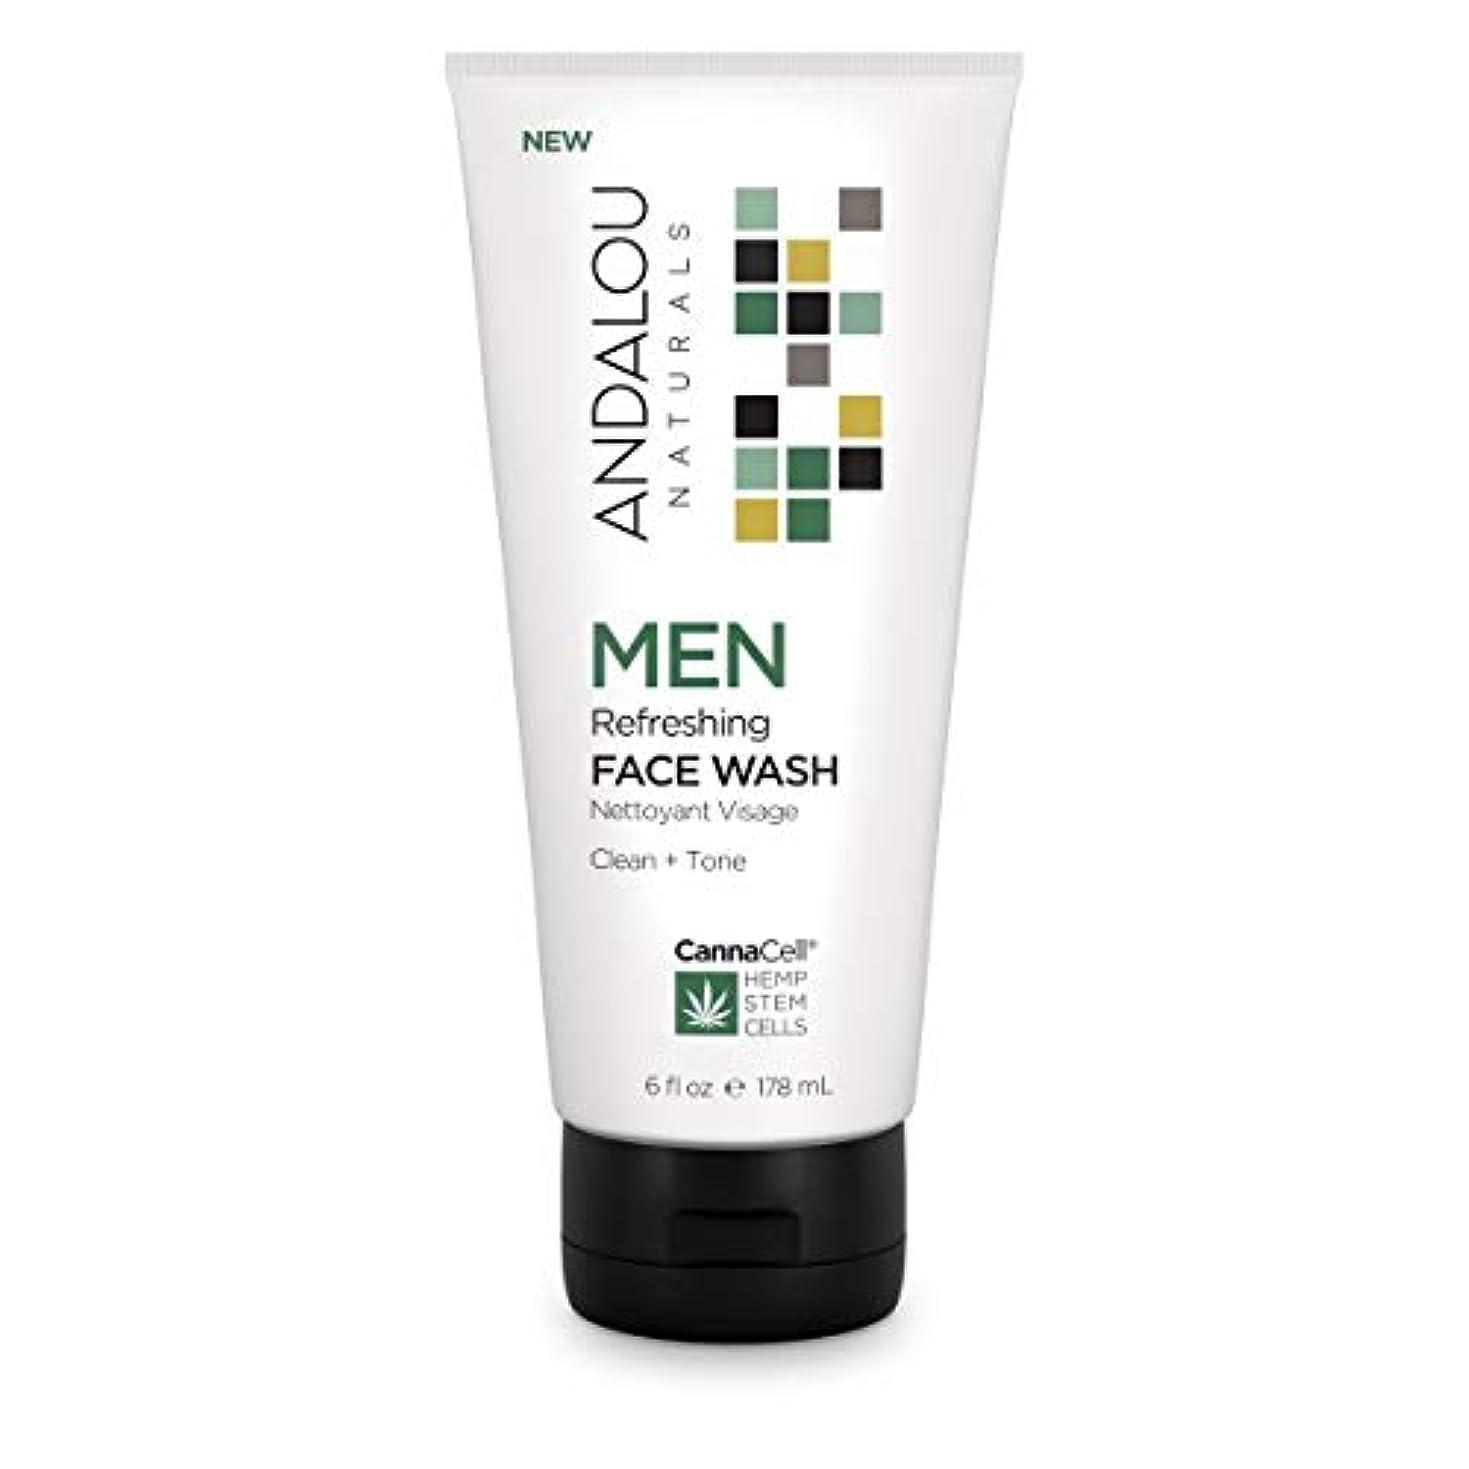 引き付ける変更可能排除オーガニック ボタニカル 洗顔料 洗顔フォーム ナチュラル フルーツ幹細胞 ヘンプ幹細胞 「 MEN リフレッシングフェイスウォッシュ 」 ANDALOU naturals アンダルー ナチュラルズ